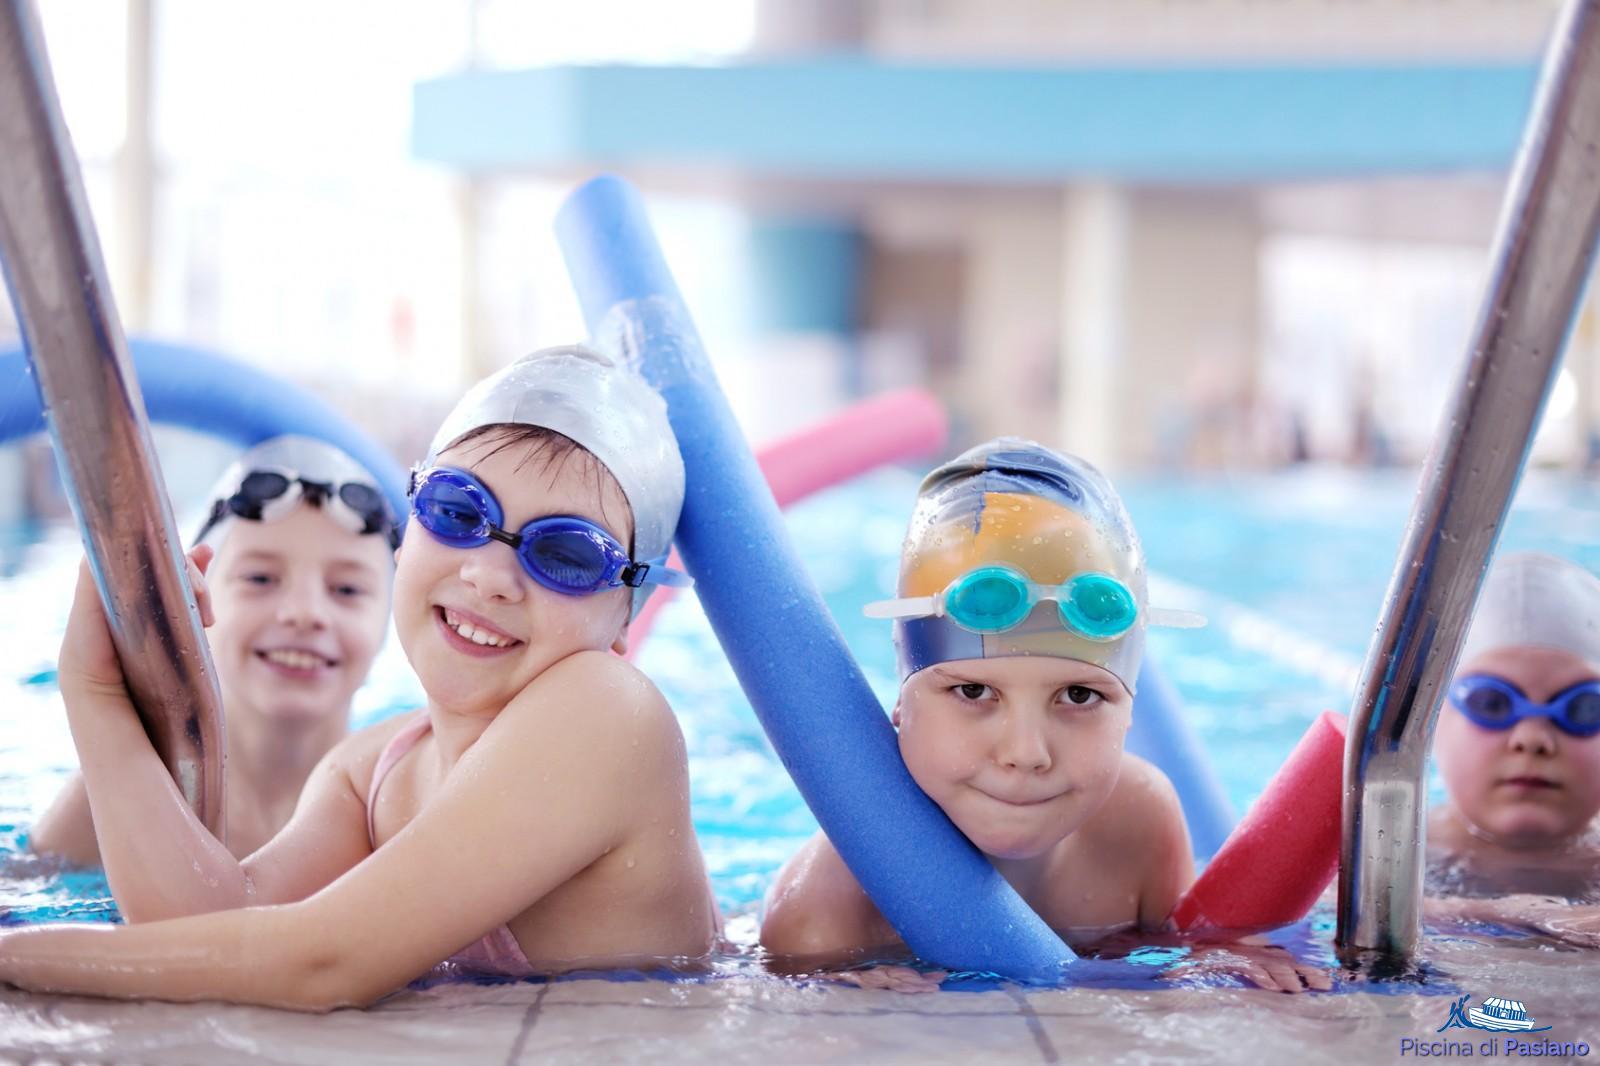 d3253332ed Corso di nuoto per ragazzi · Corso scuola nuoto per bambini ...